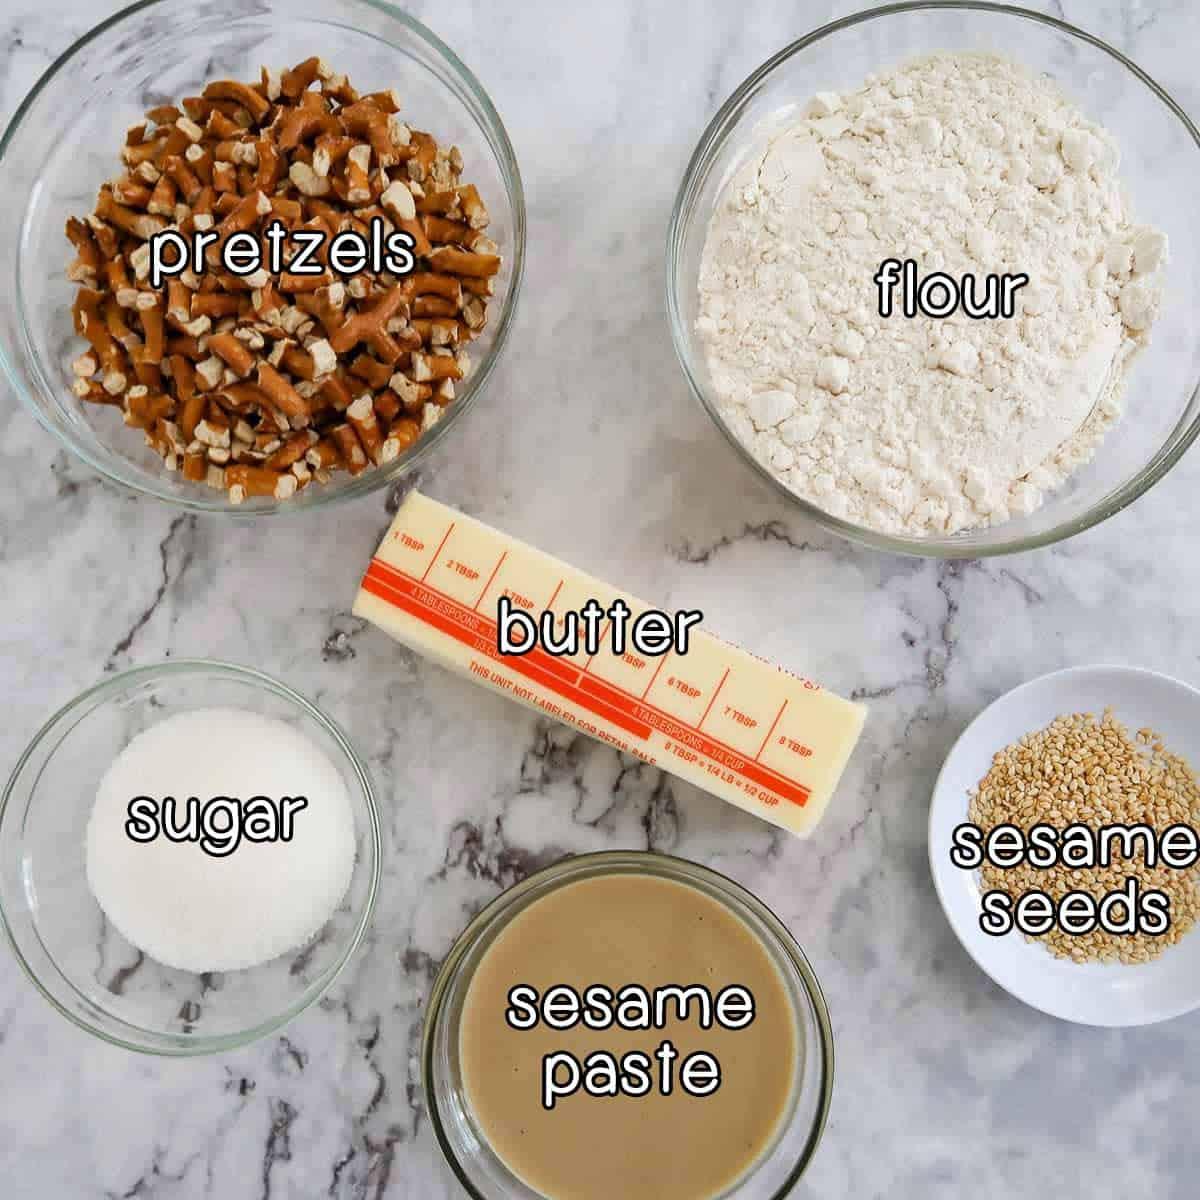 Overhead shot of ingredients- pretzels, flour, butter, sugar, sesame paste, and sesame seeds.